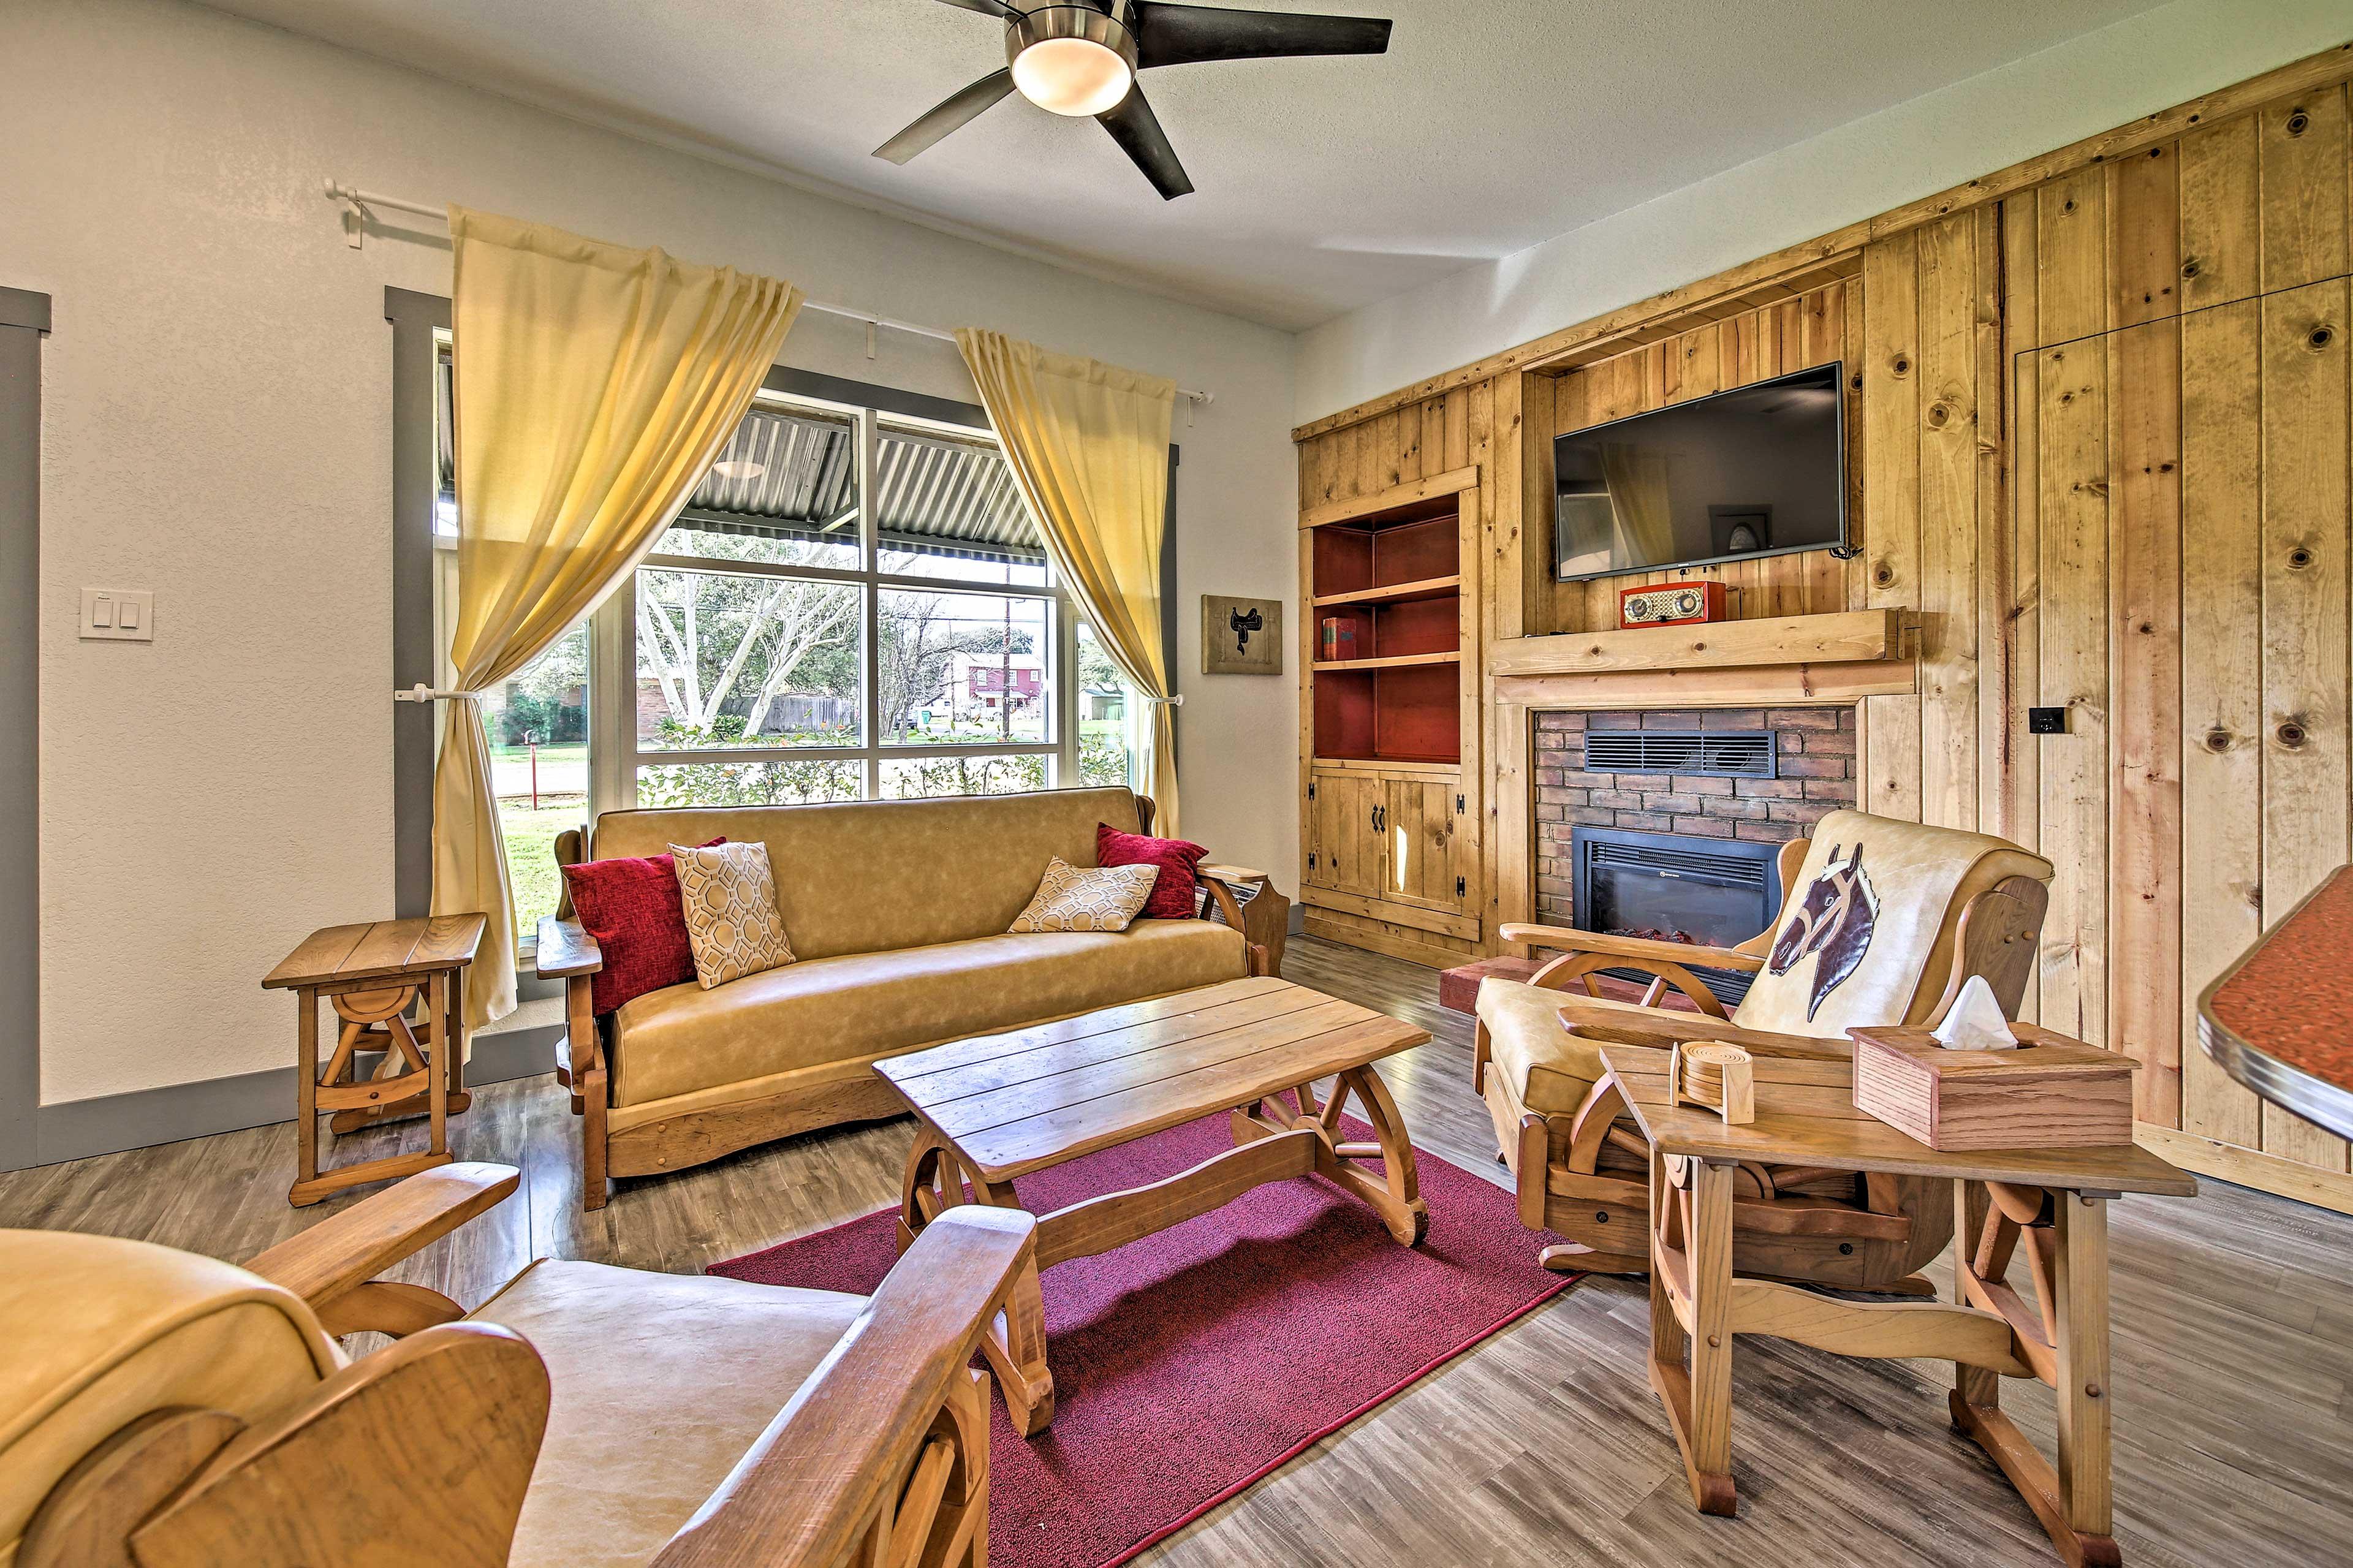 Come visit this cozy 2-bedroom, 1-bathroom home in Blanco!